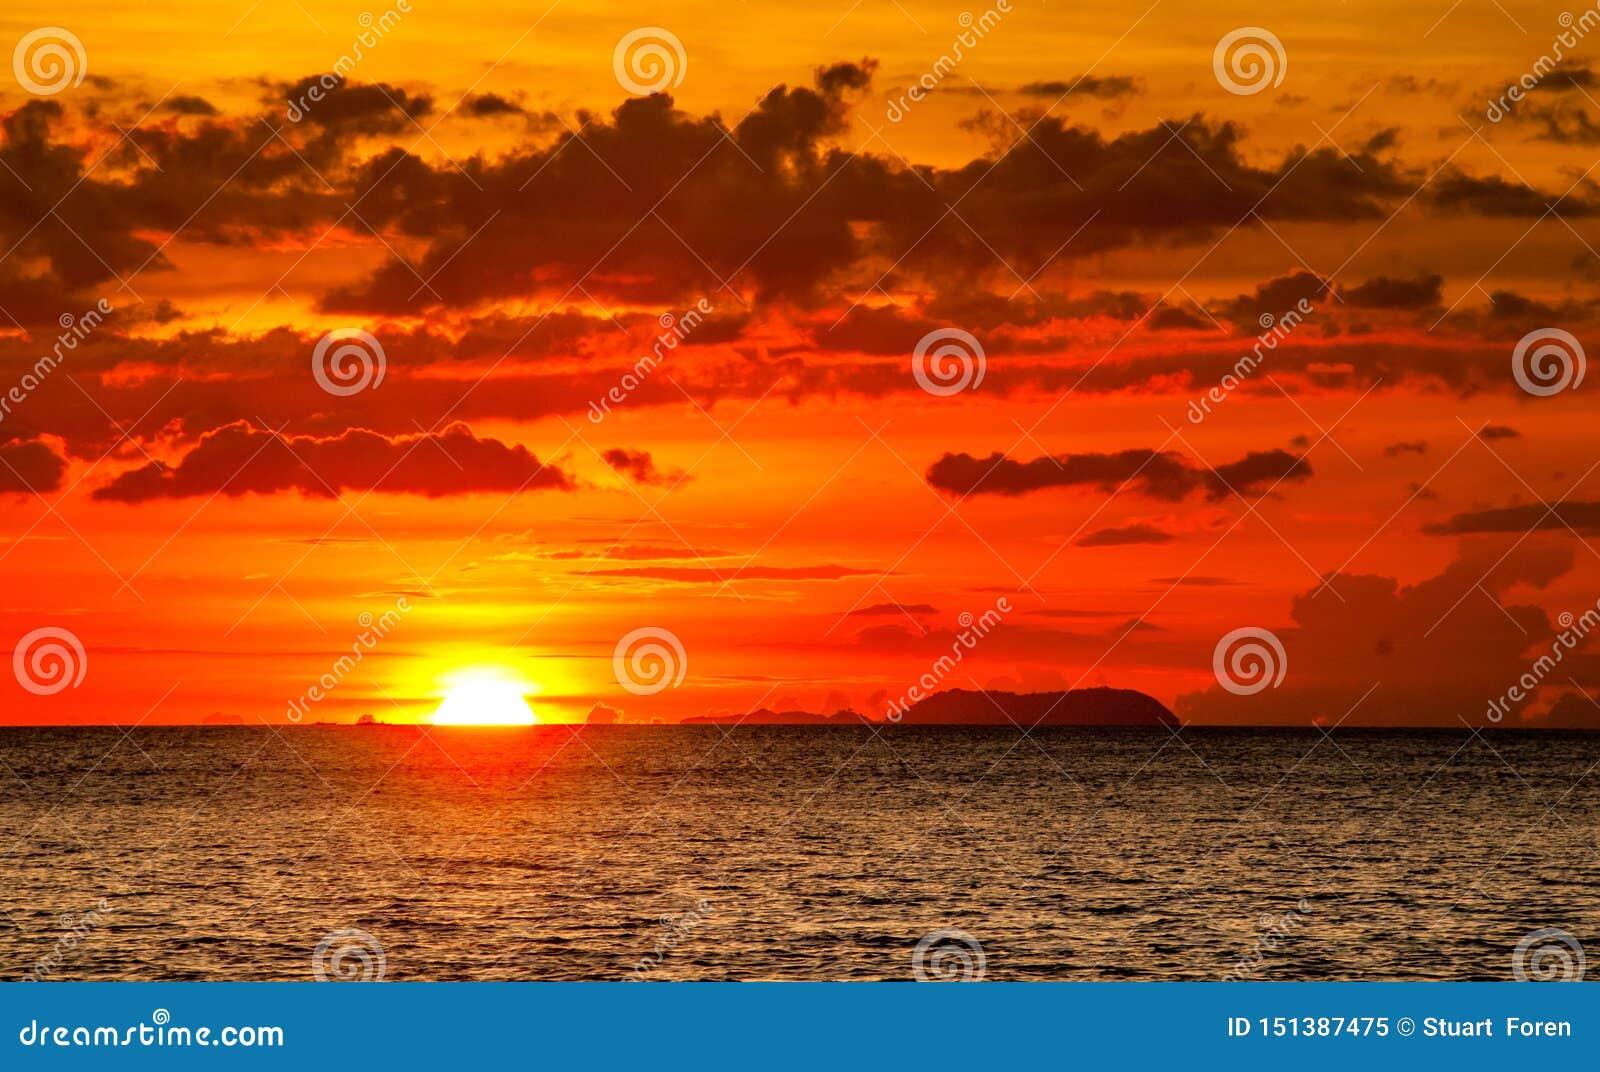 Pouvez-vous penser à un meilleur coucher du soleil ?